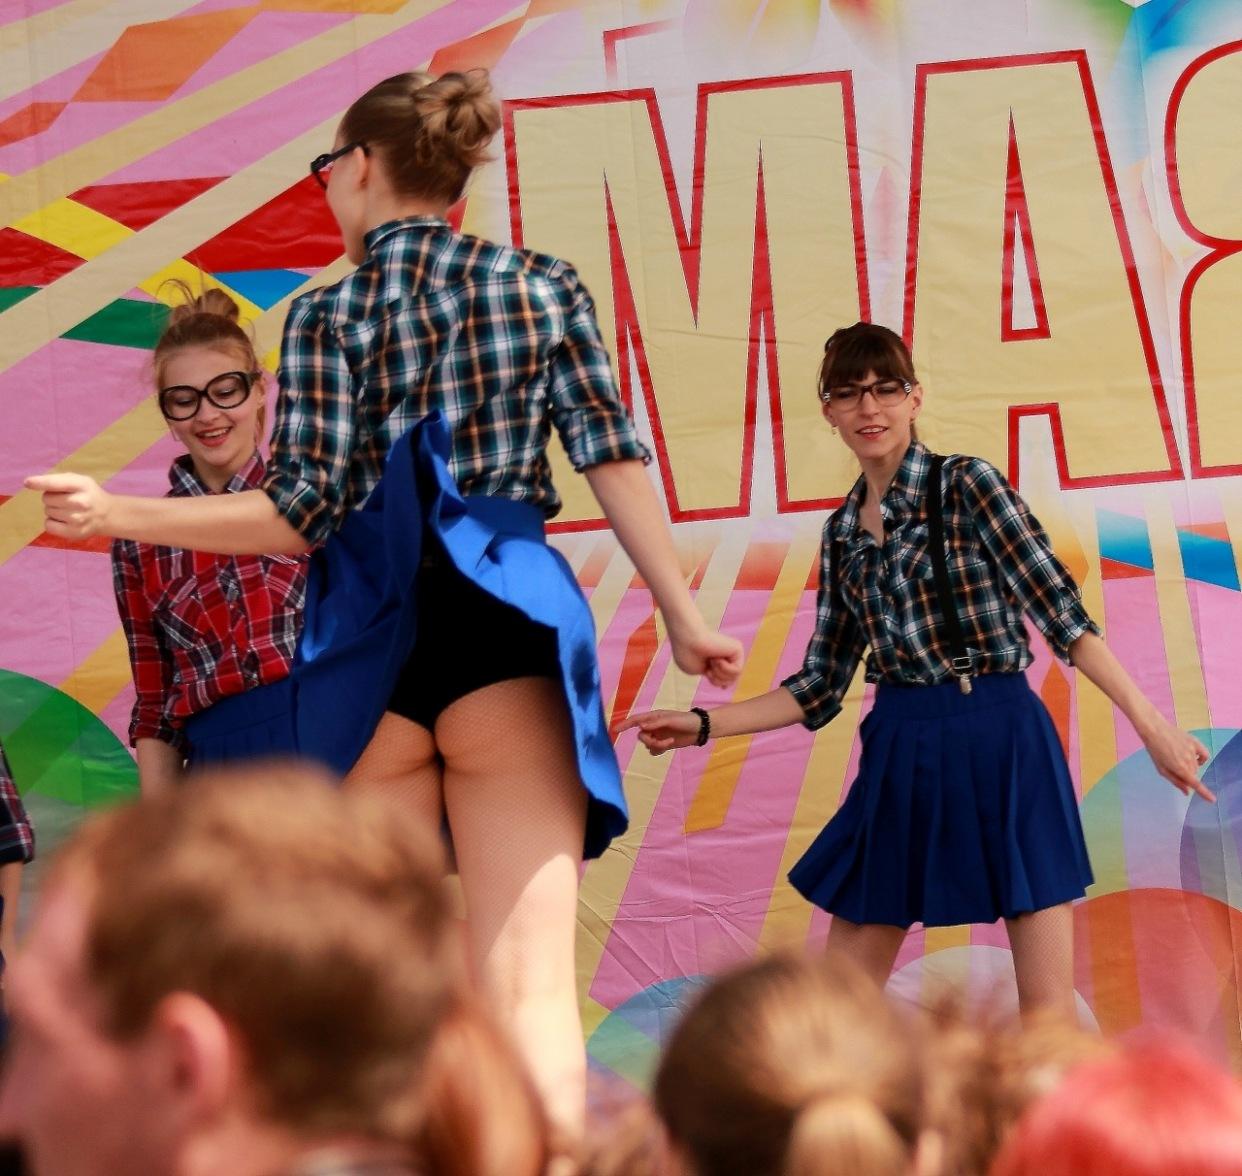 Девушка в синей мини-юбке засветила черные трусики